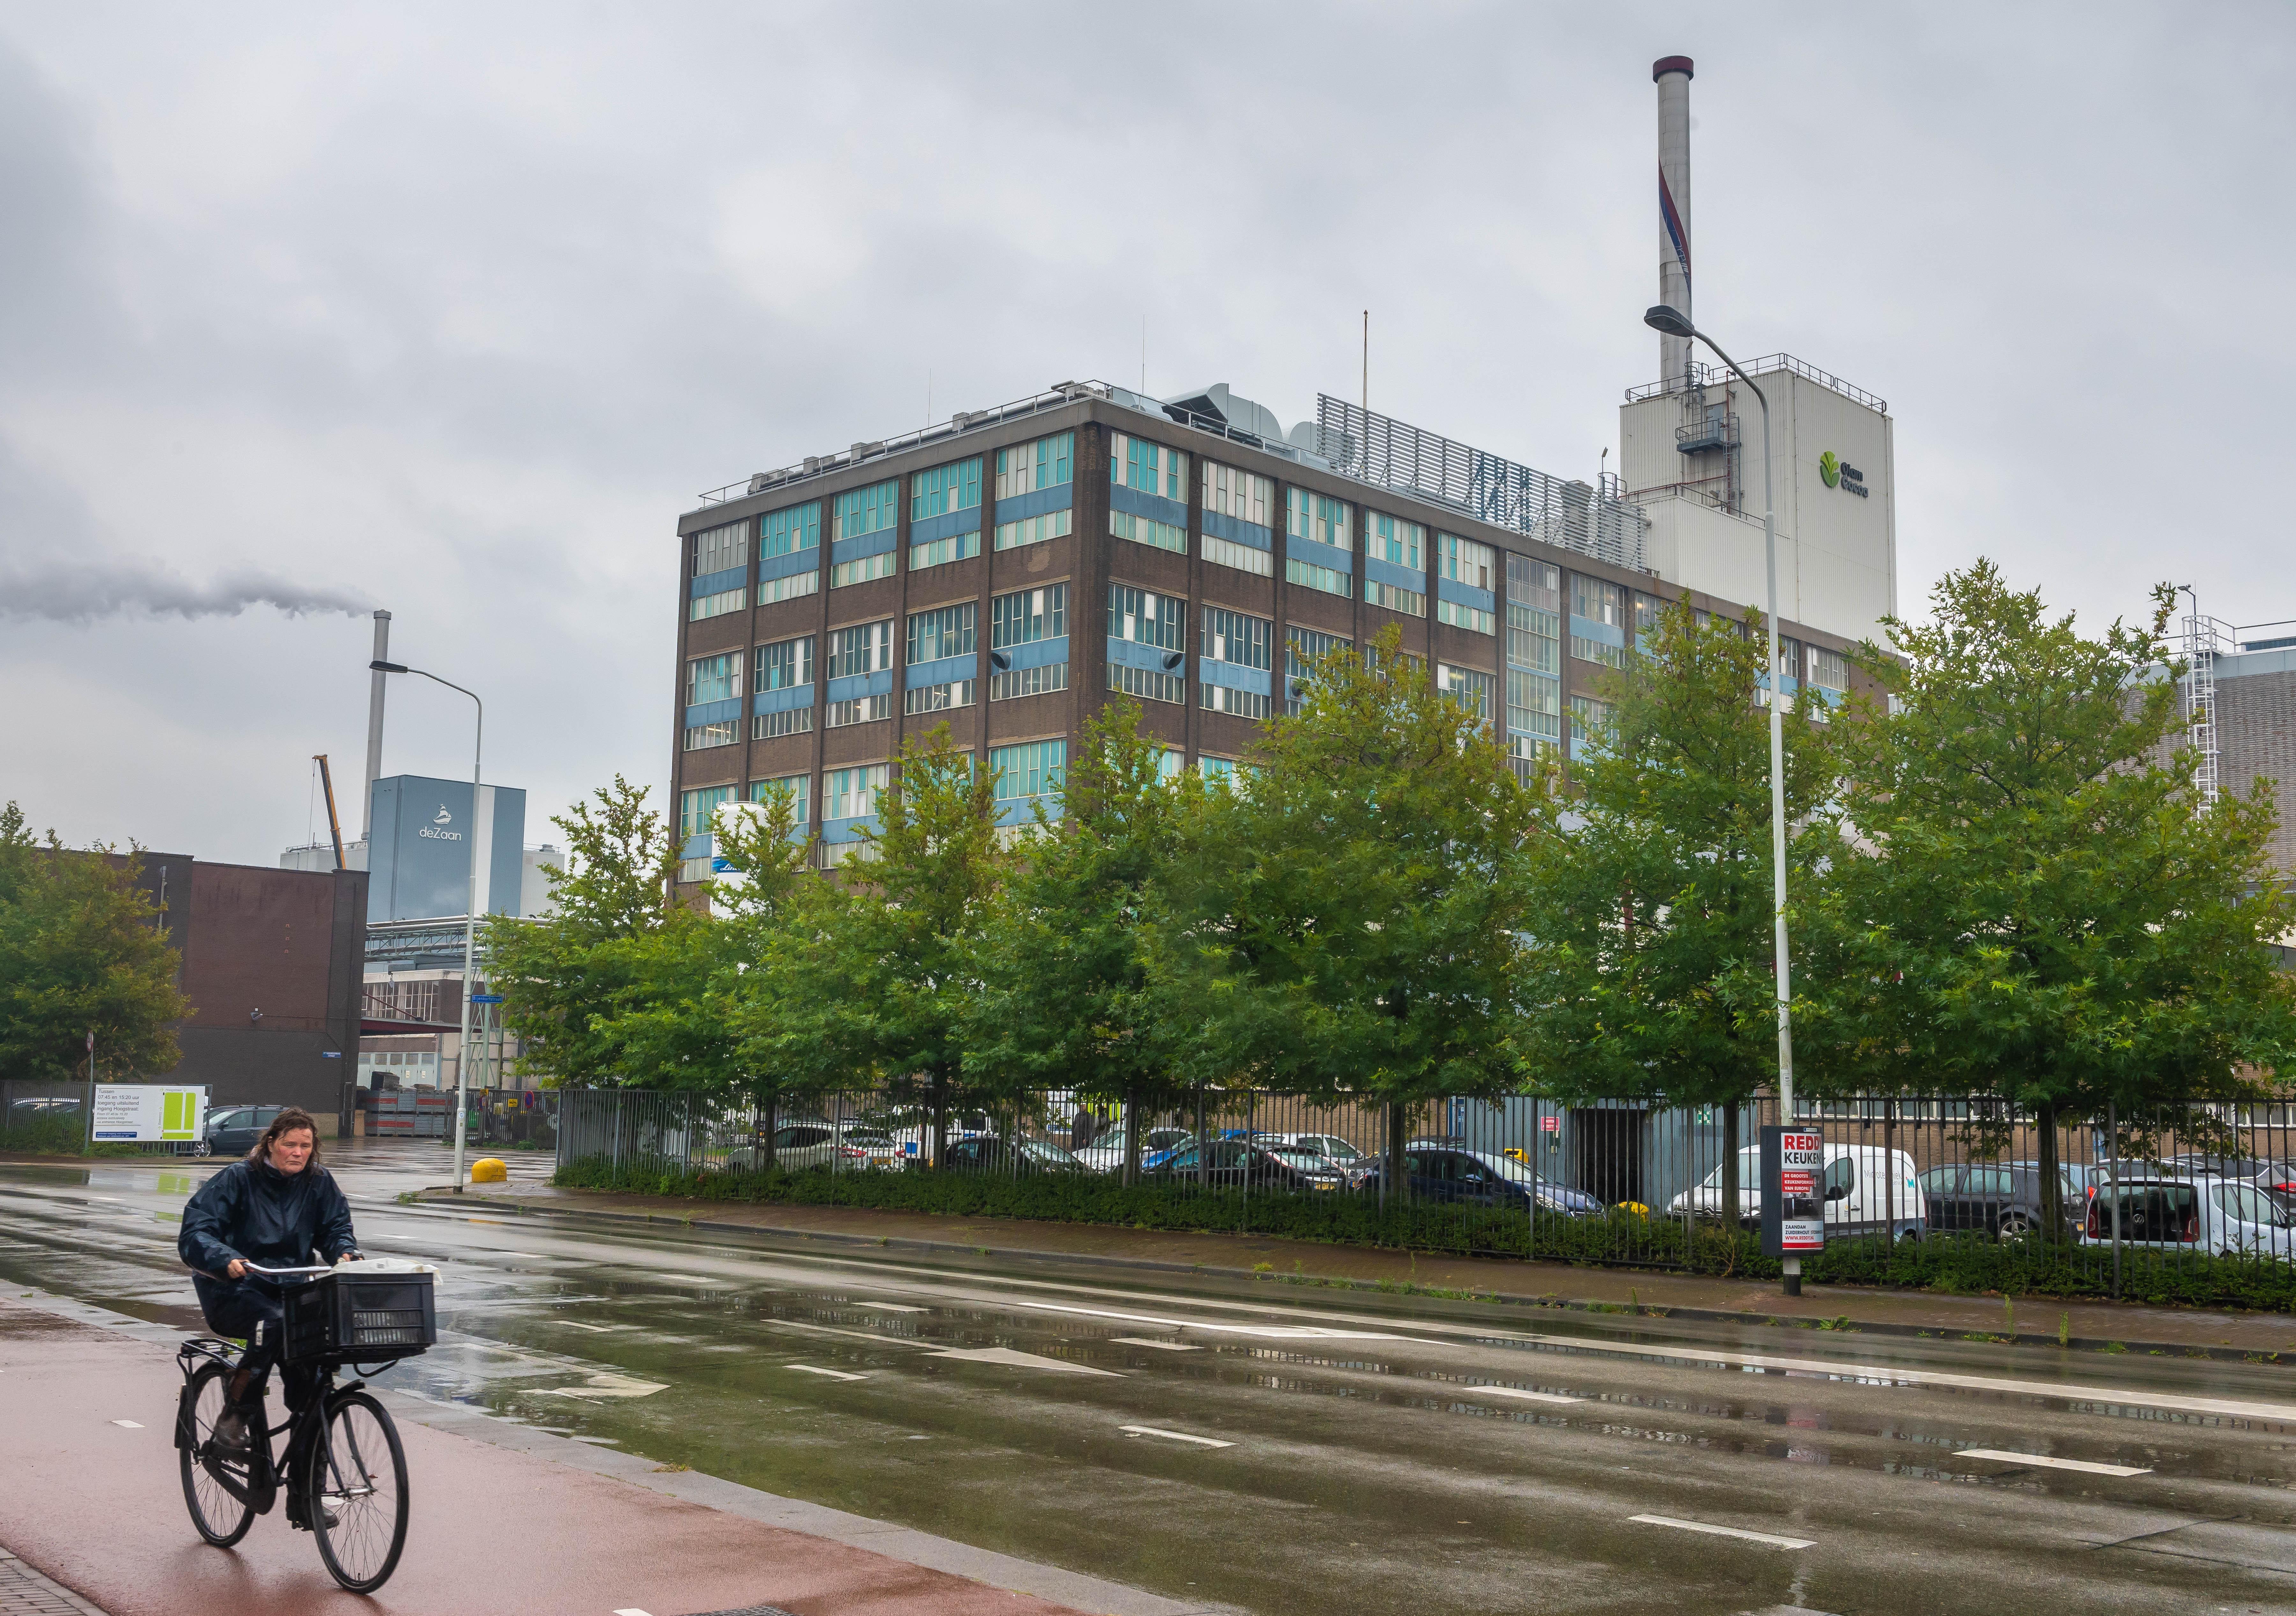 Voedselbank krijgt steun van acht Zaanse industriebedrijven: 'Steun in de rug'